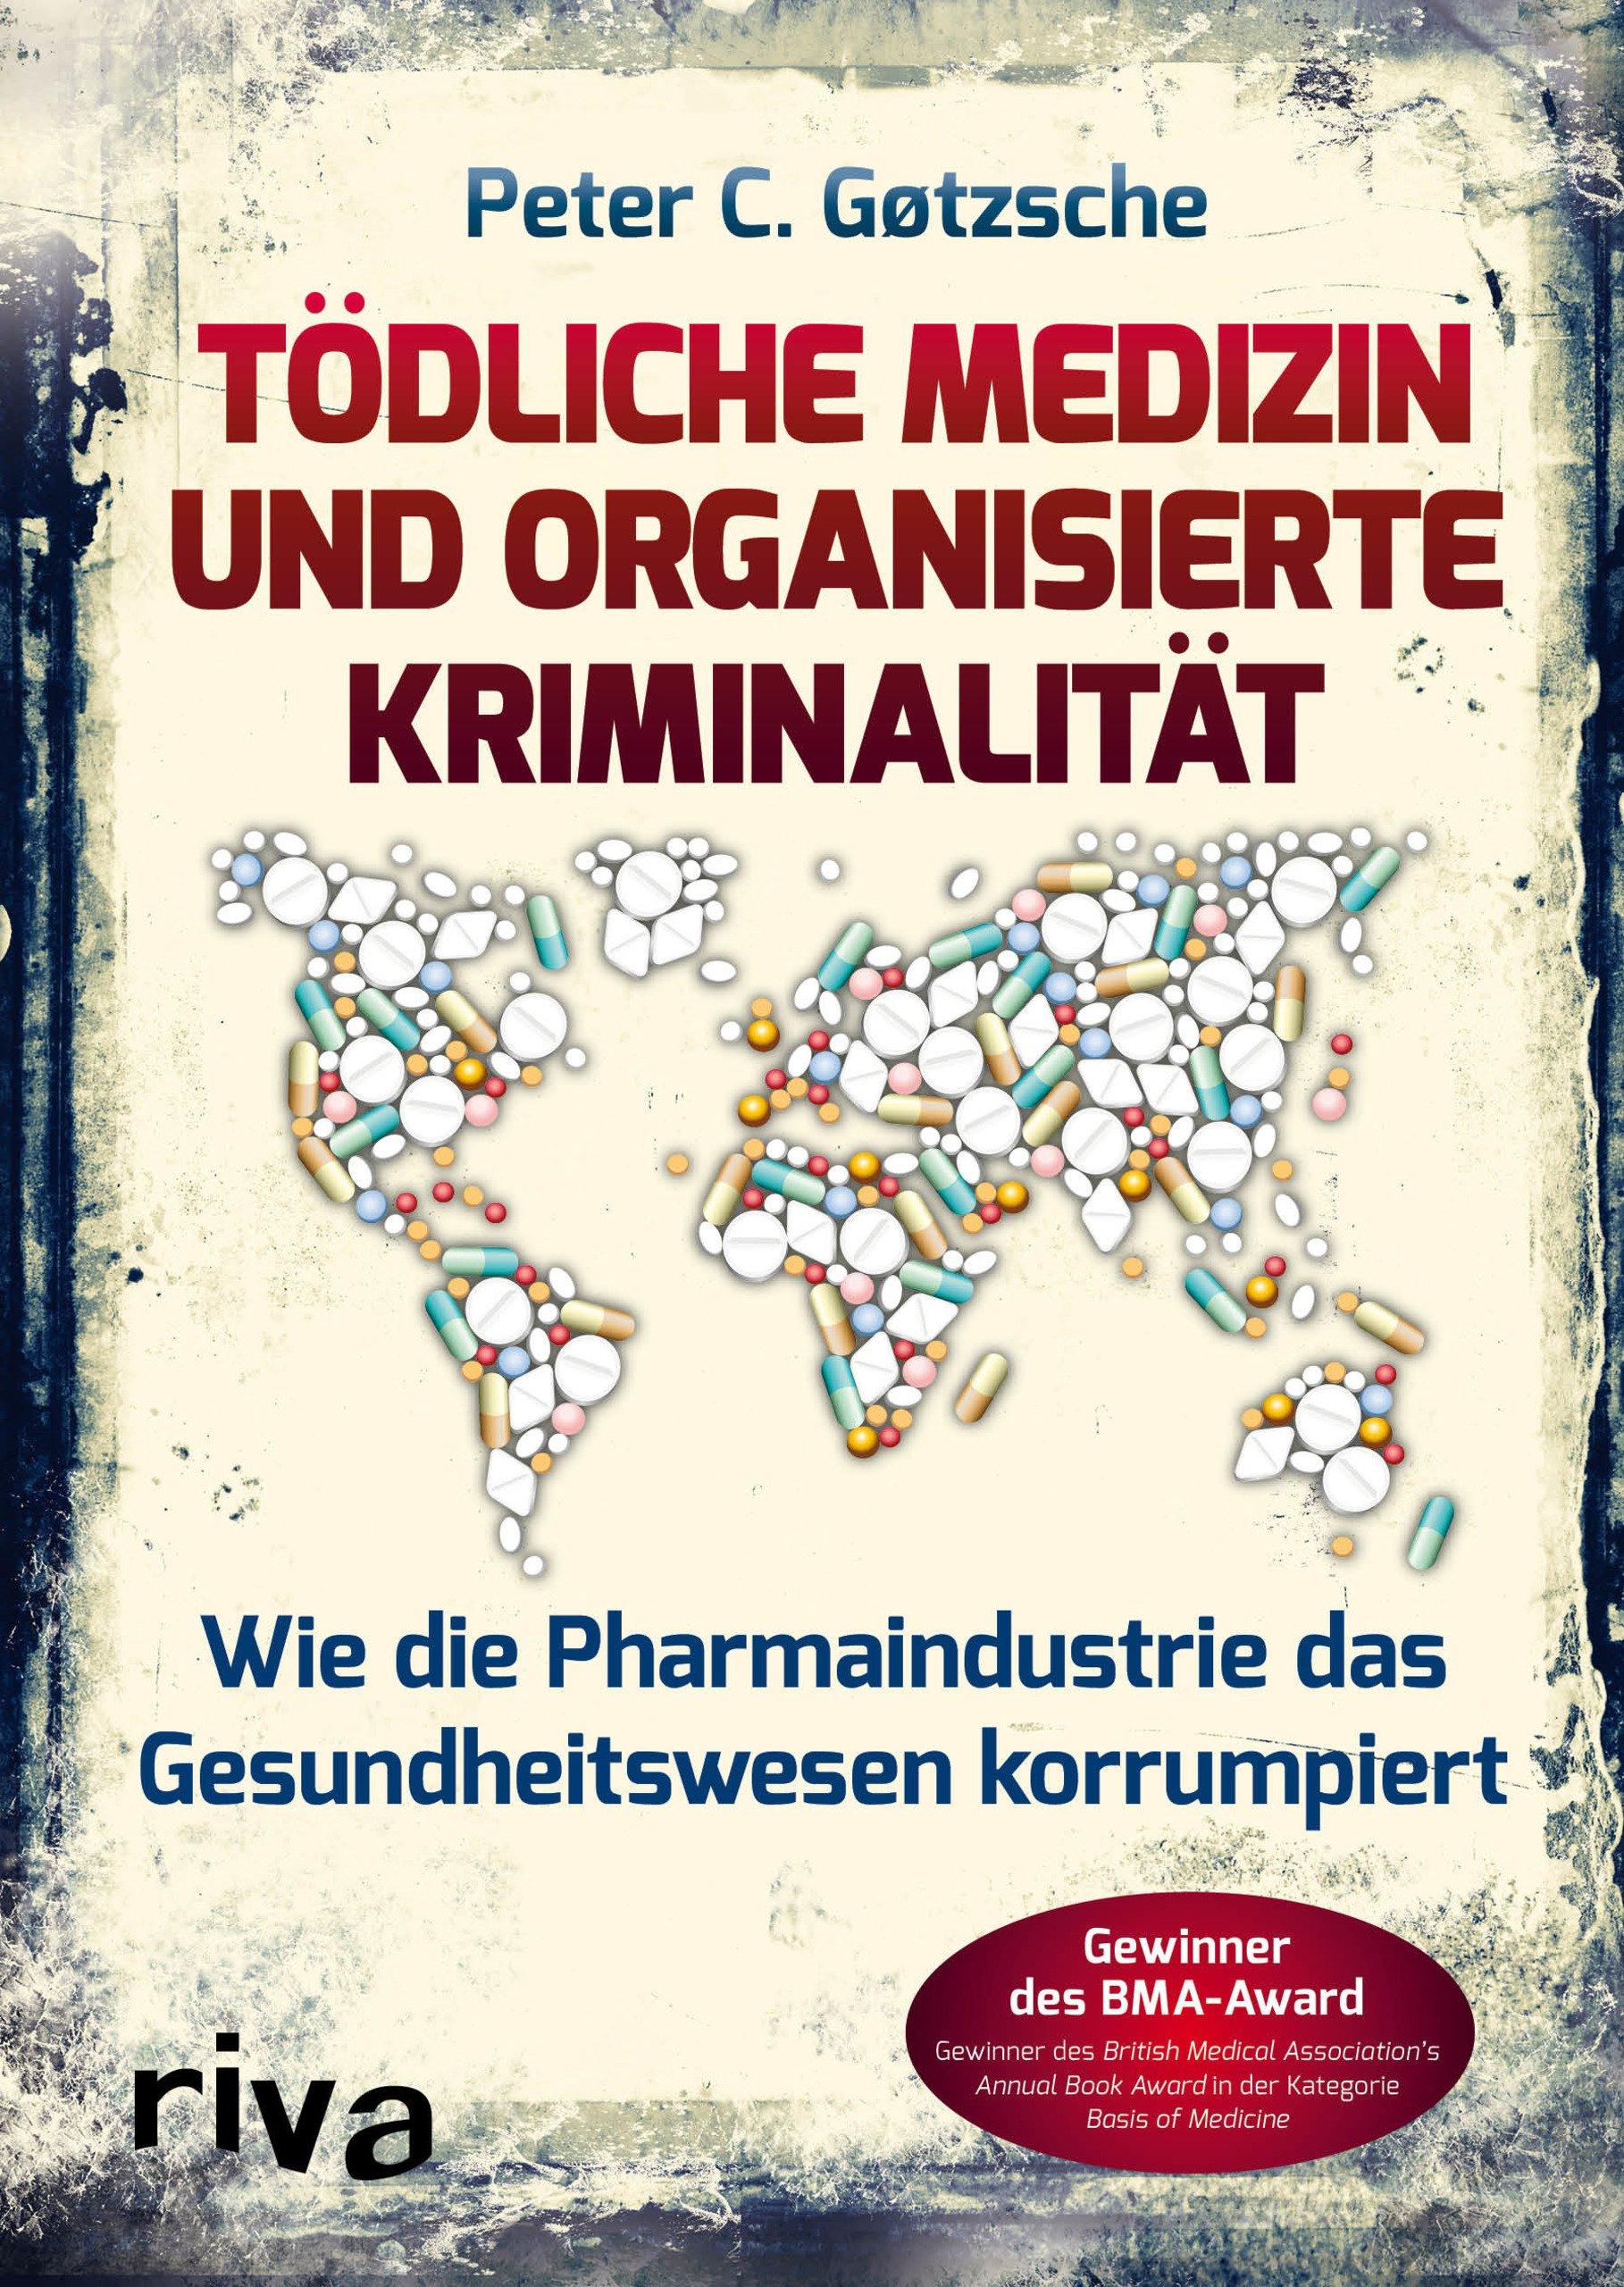 Tödliche Medizin und organisierte Kriminalität: – Wie die Pharmaindustrie unser Gesundheitswesen korrumpiert